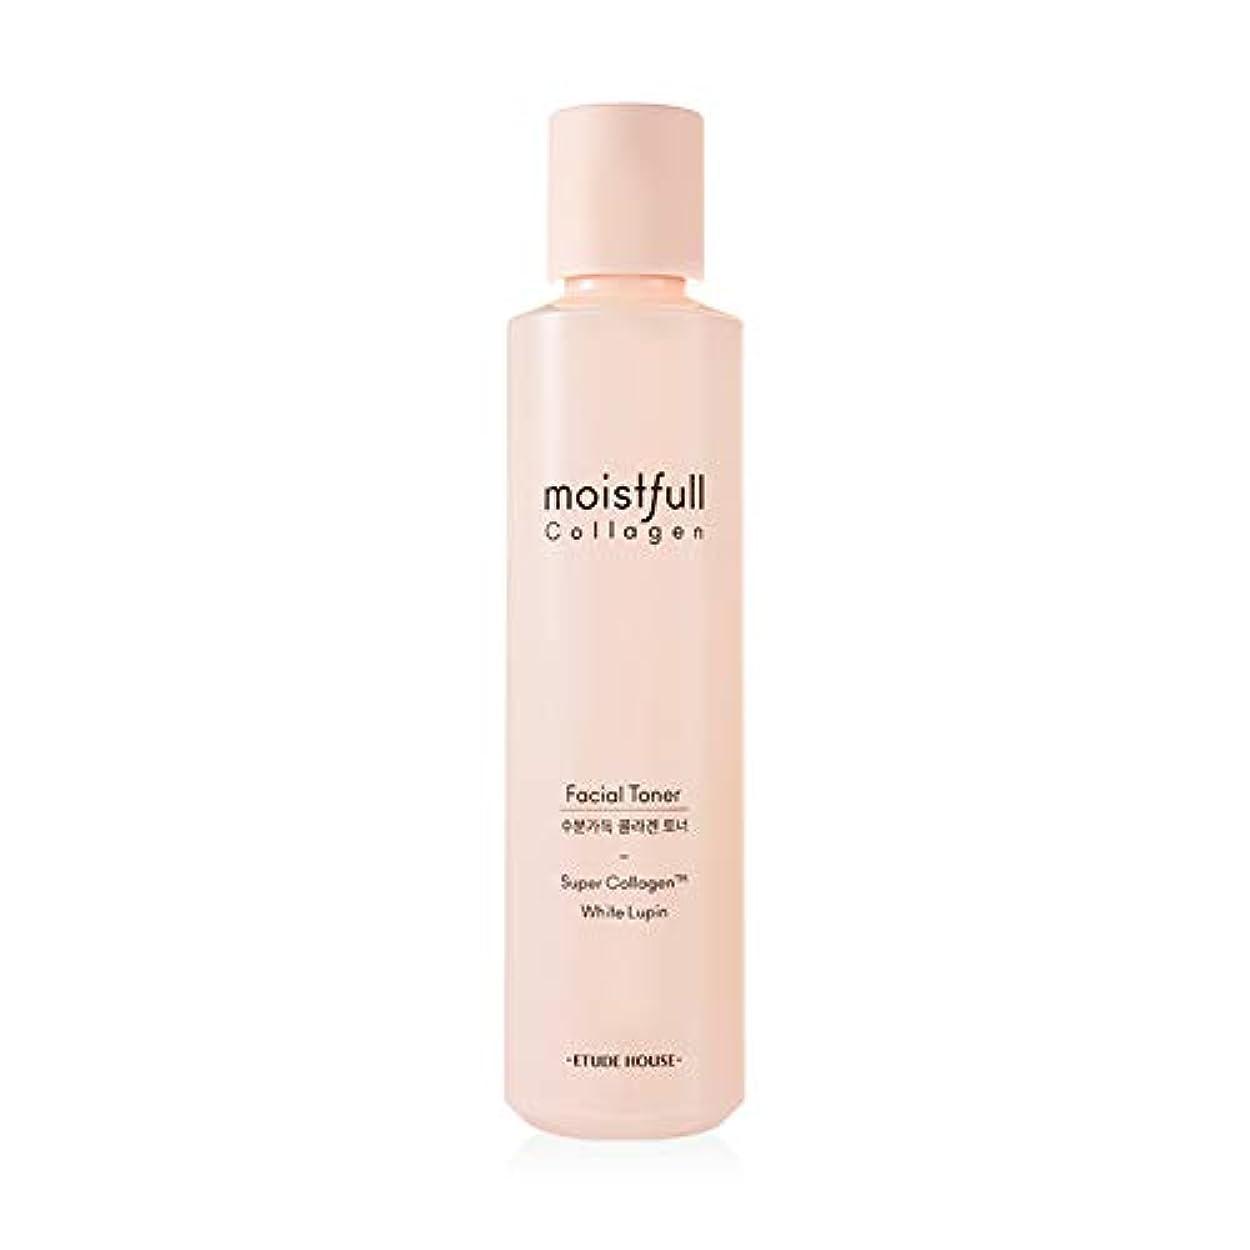 柔らかい足鼻蓄積するエチュードハウス モイストフルCL トナー(化粧水) 200ml / ETUDE HOUSE Moistfull Collagen Skin 200ml [並行輸入品]